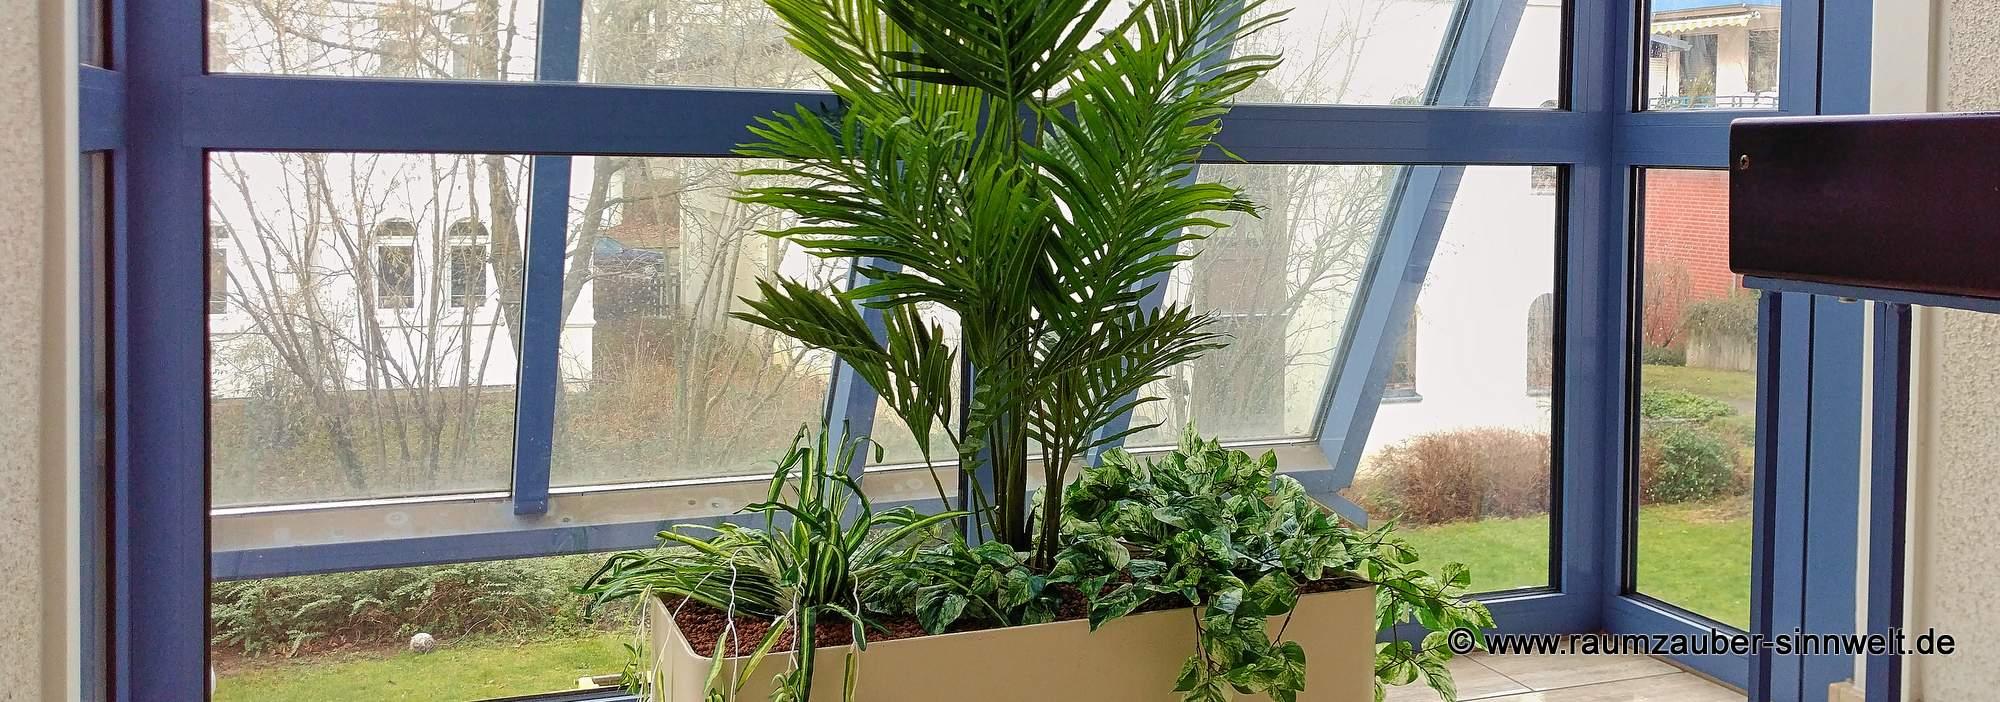 Künstliche Bepflanzungen - die täuschend echt wirkende Alternative für dunkle oder wenig bewohnte Standorte